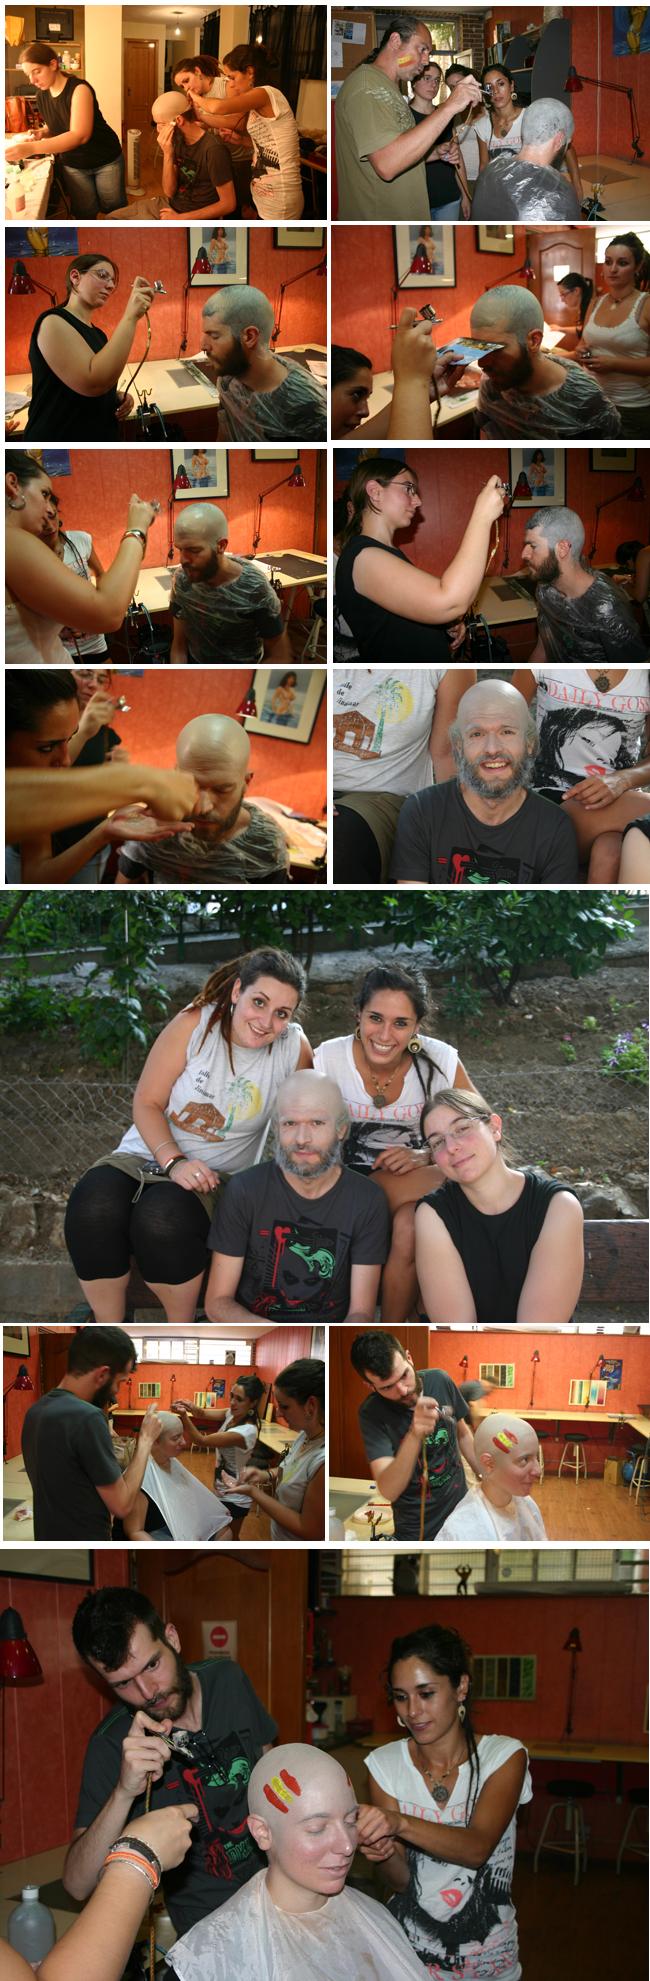 Envejecimiento, fx de maquillaje en Academiac10 de Madrid. Por Carlos Diez.